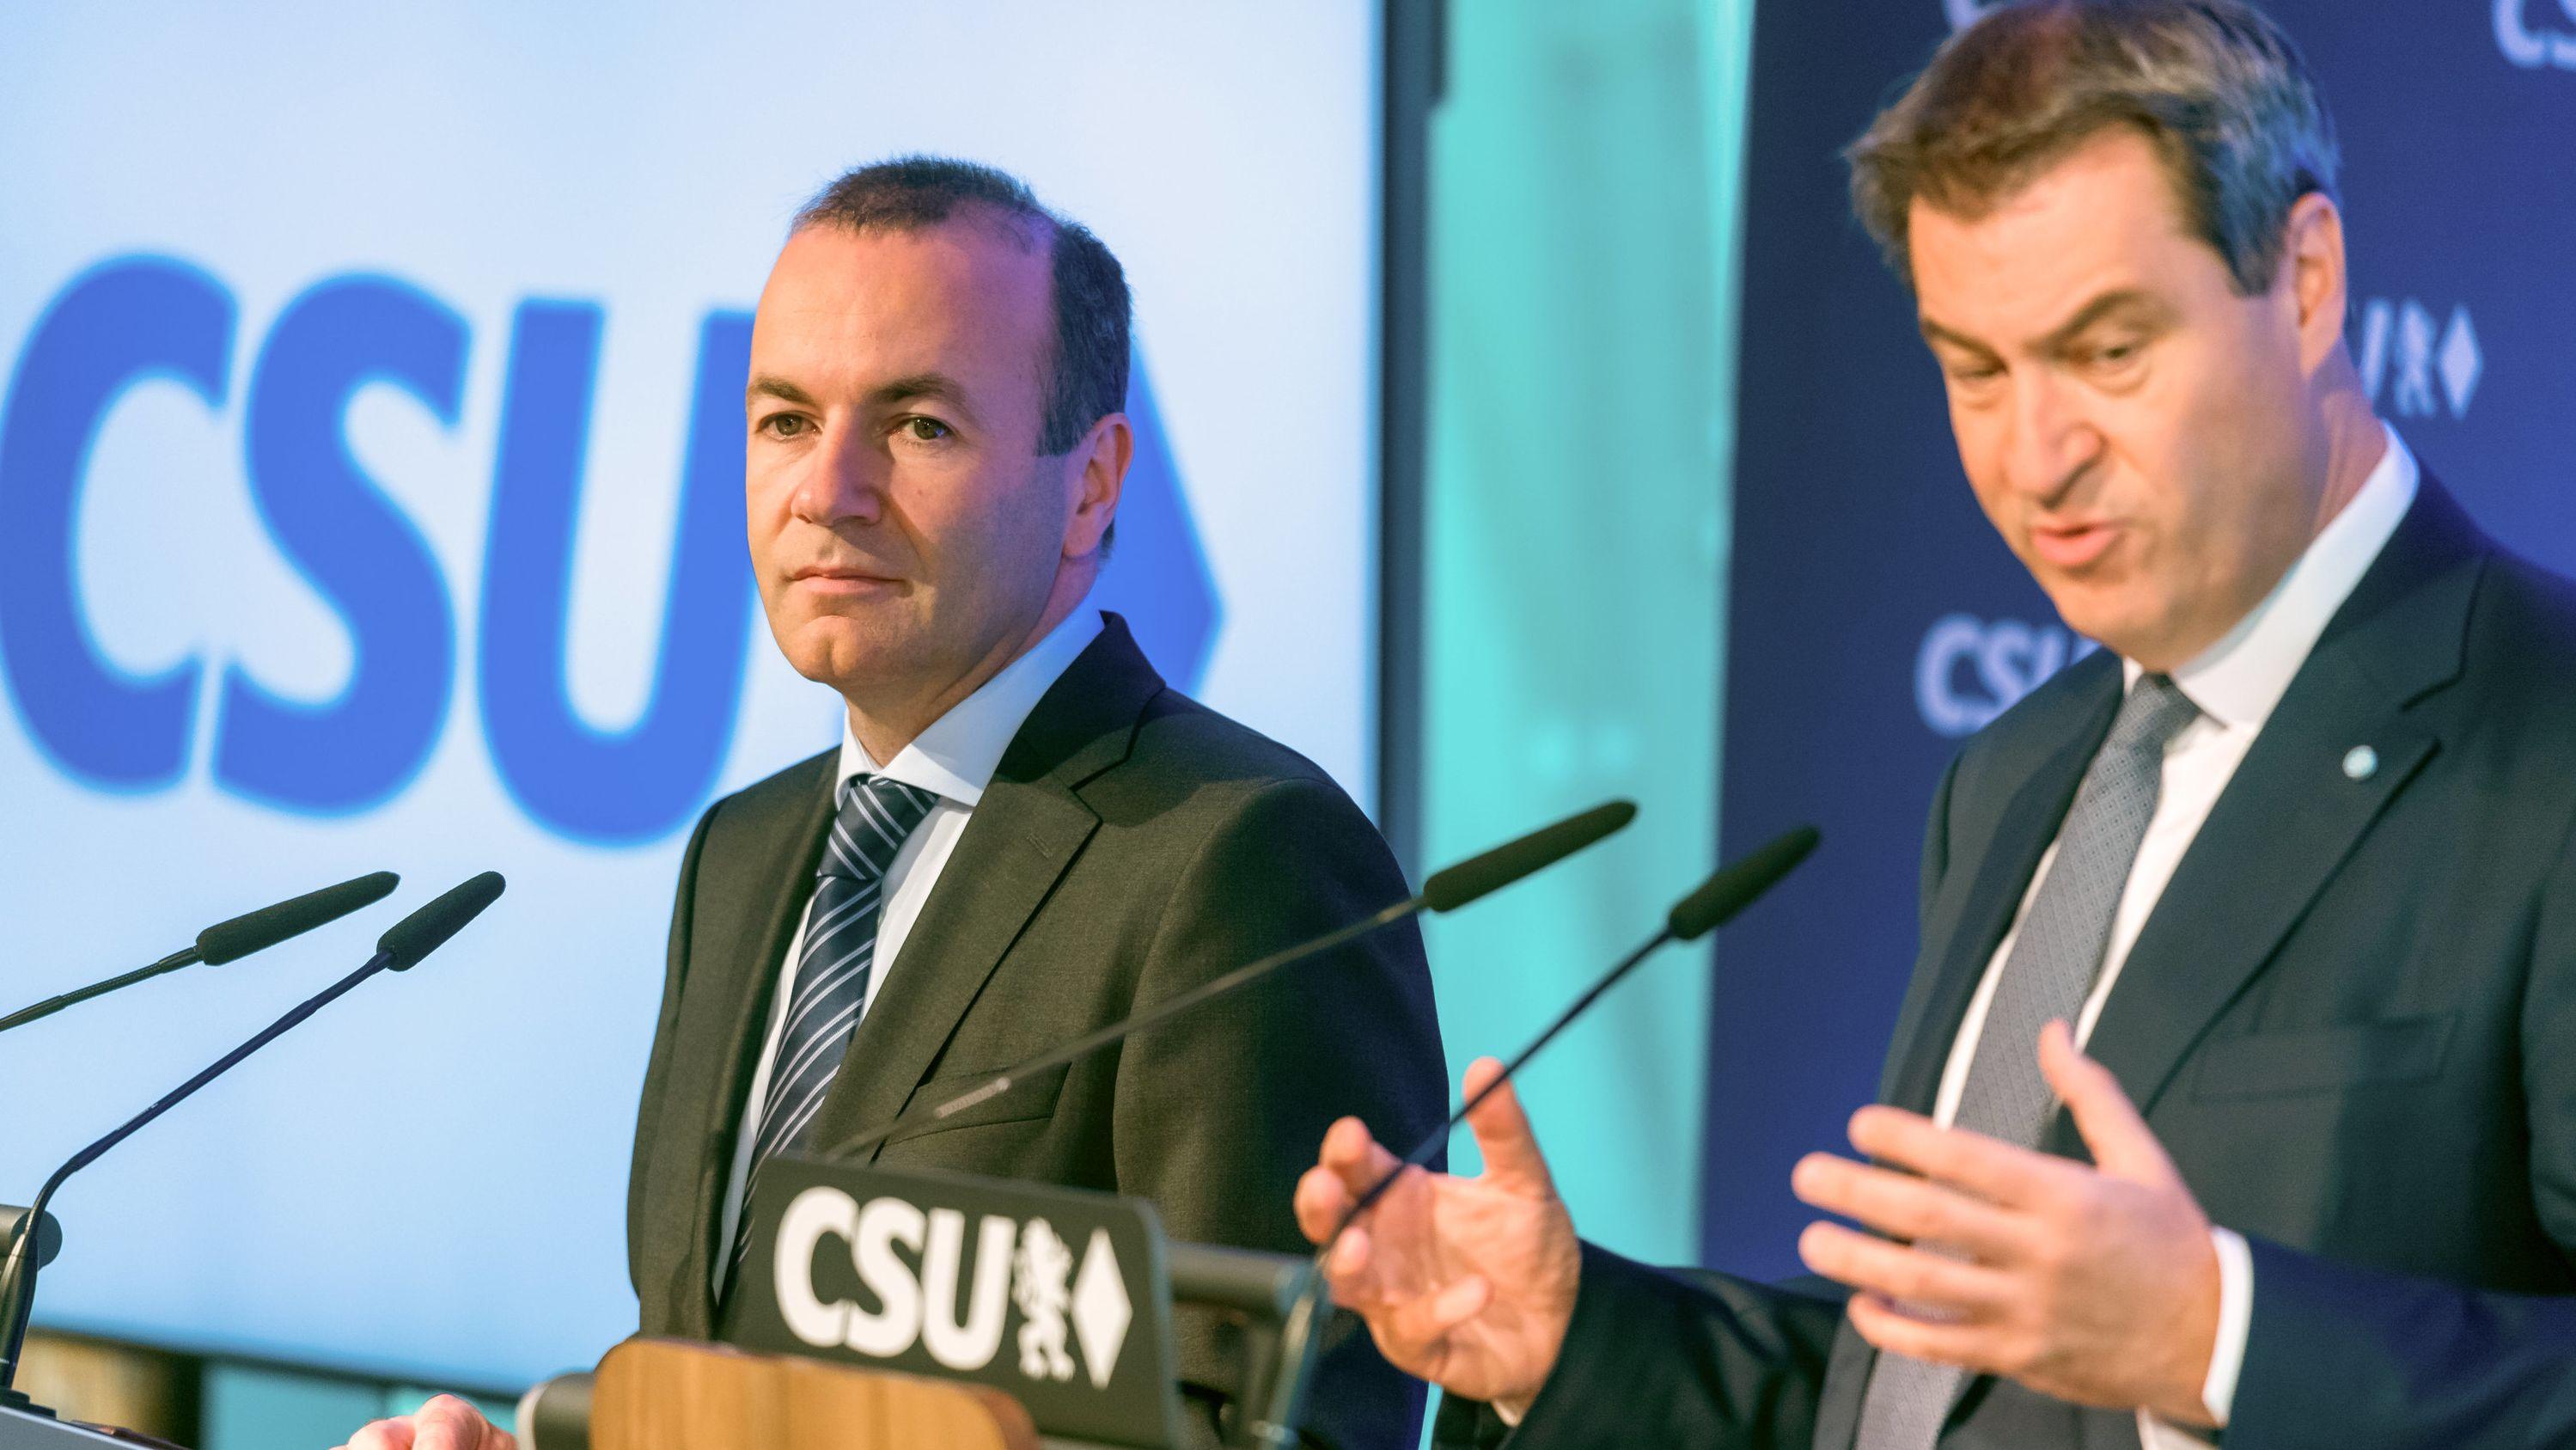 Manfred Weber und Markus Söder nach der Europawahl in München